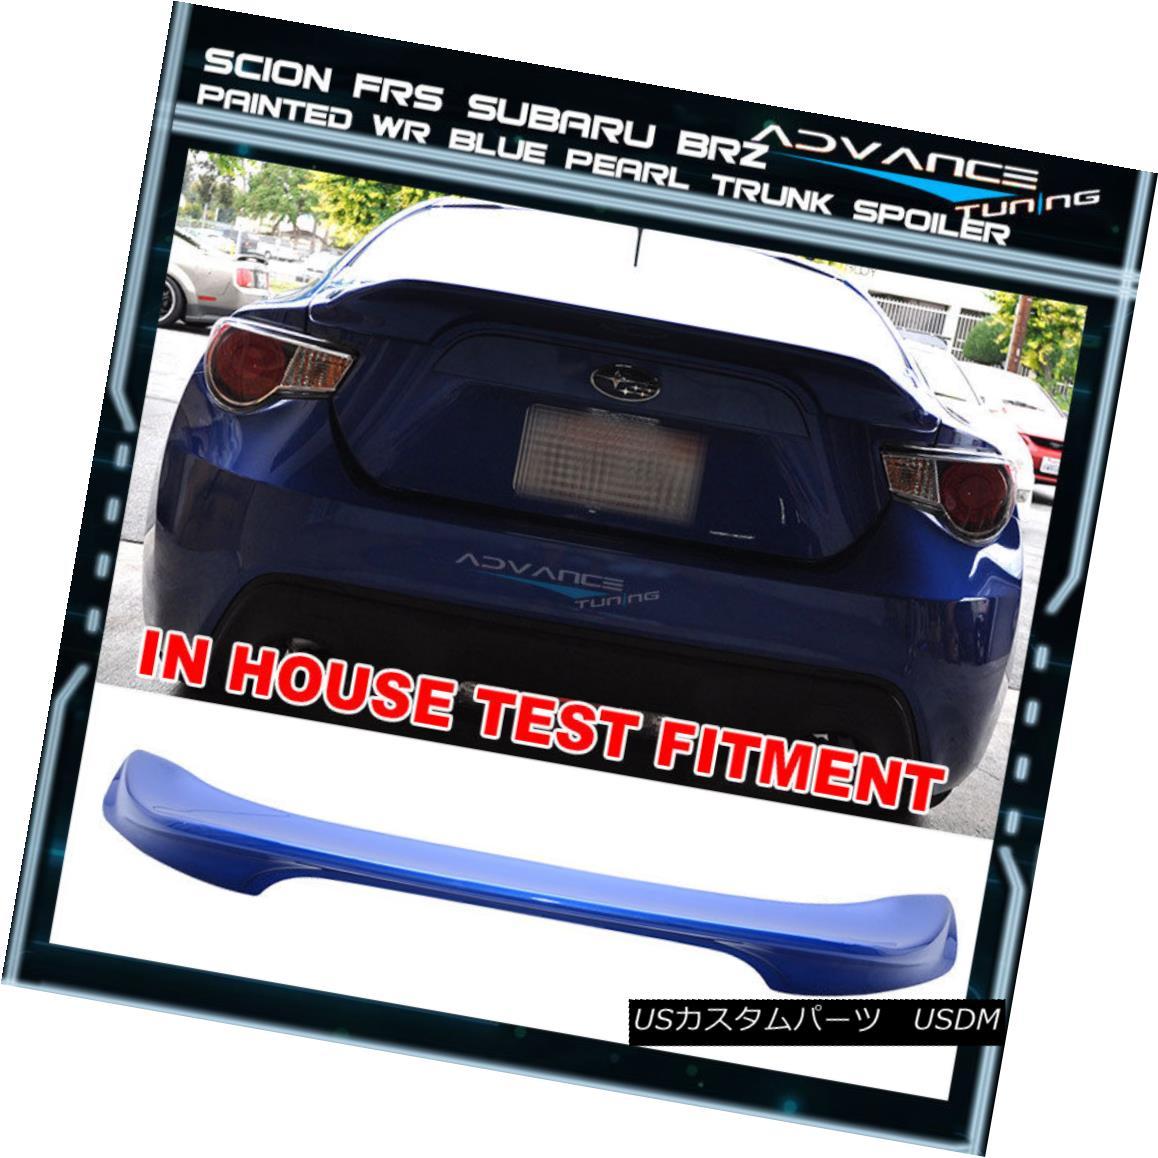 エアロパーツ Fit For 15-17 Subaru BRZ Trunk Spoiler OE Painted World Blue Pearl # K7X 15-17スバルBRZトランク・スポイラーOEペイント・ワールド・ブルー・パール#K7X用